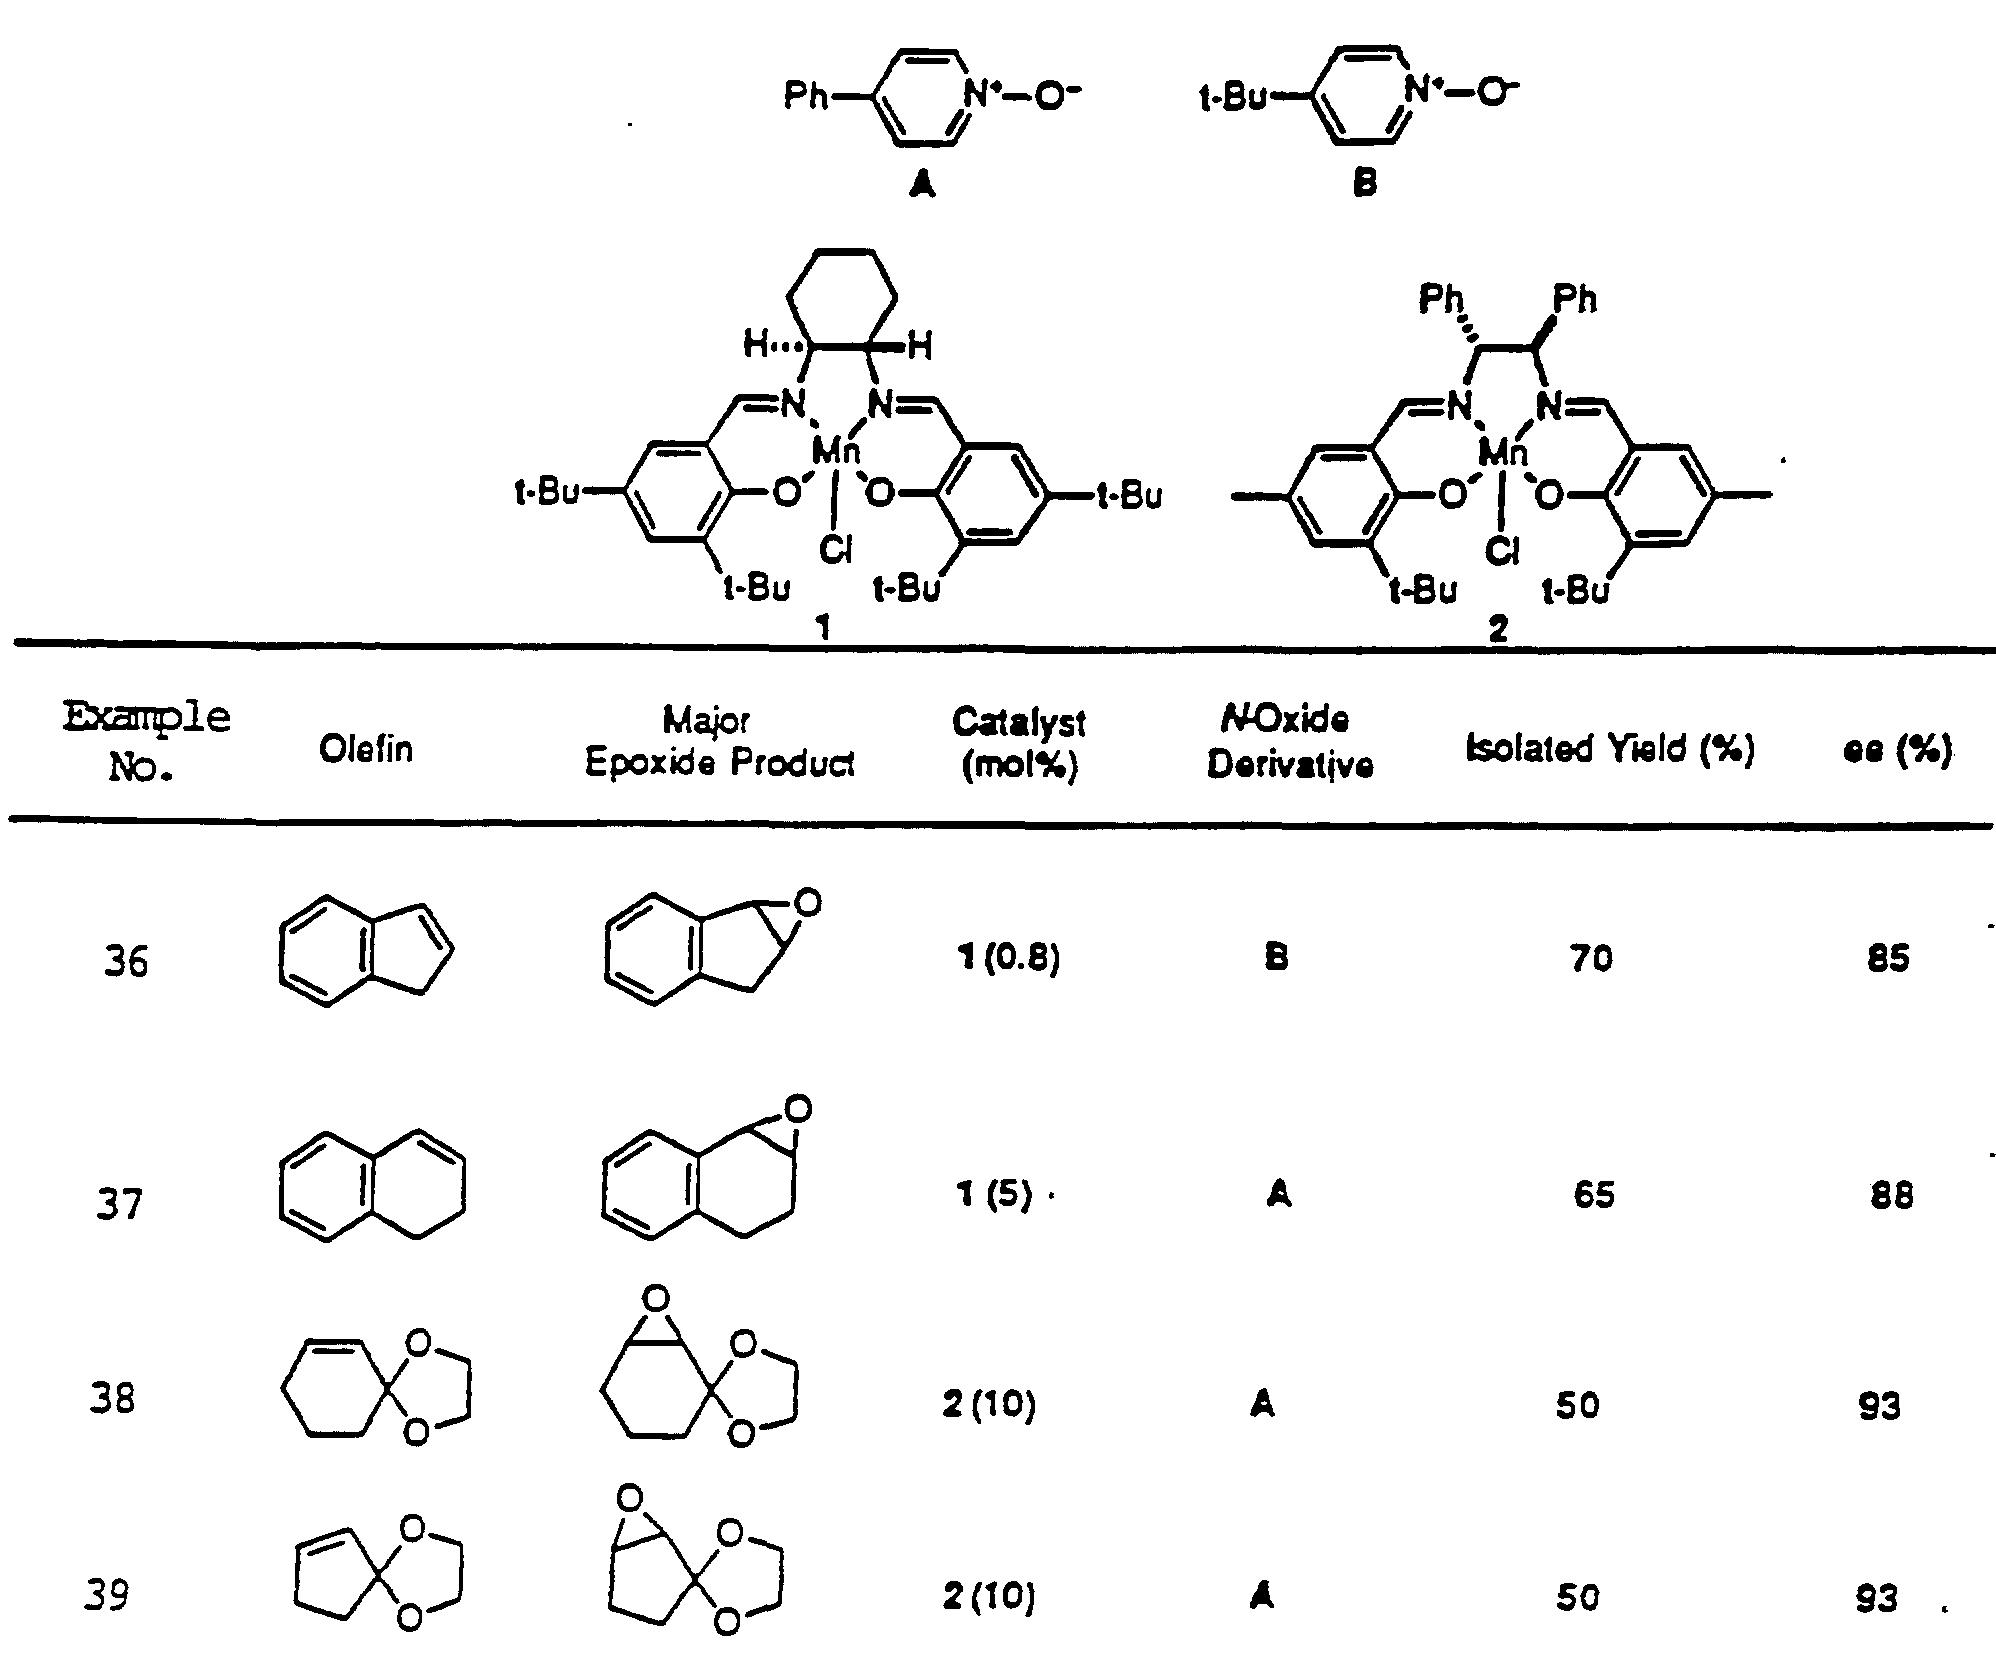 ethylenediamine | C2H8N2 - PubChem